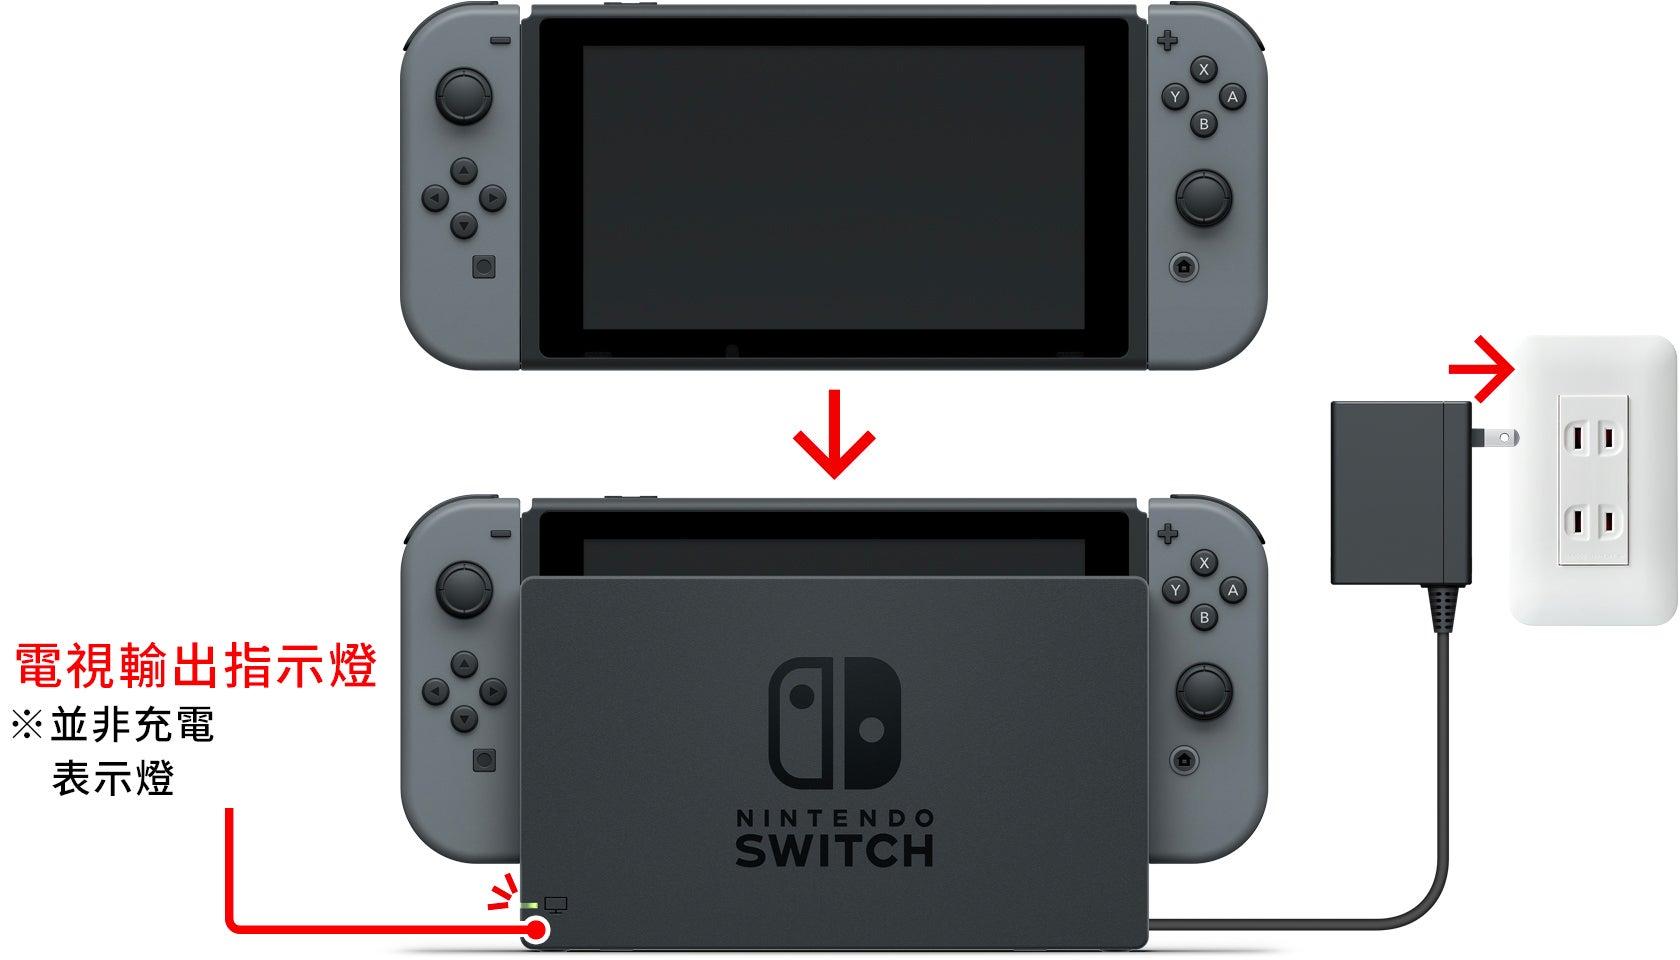 曖昧な 熟考する 染色 nintendo switch 充電 usb - turugaya-kibouen.jp